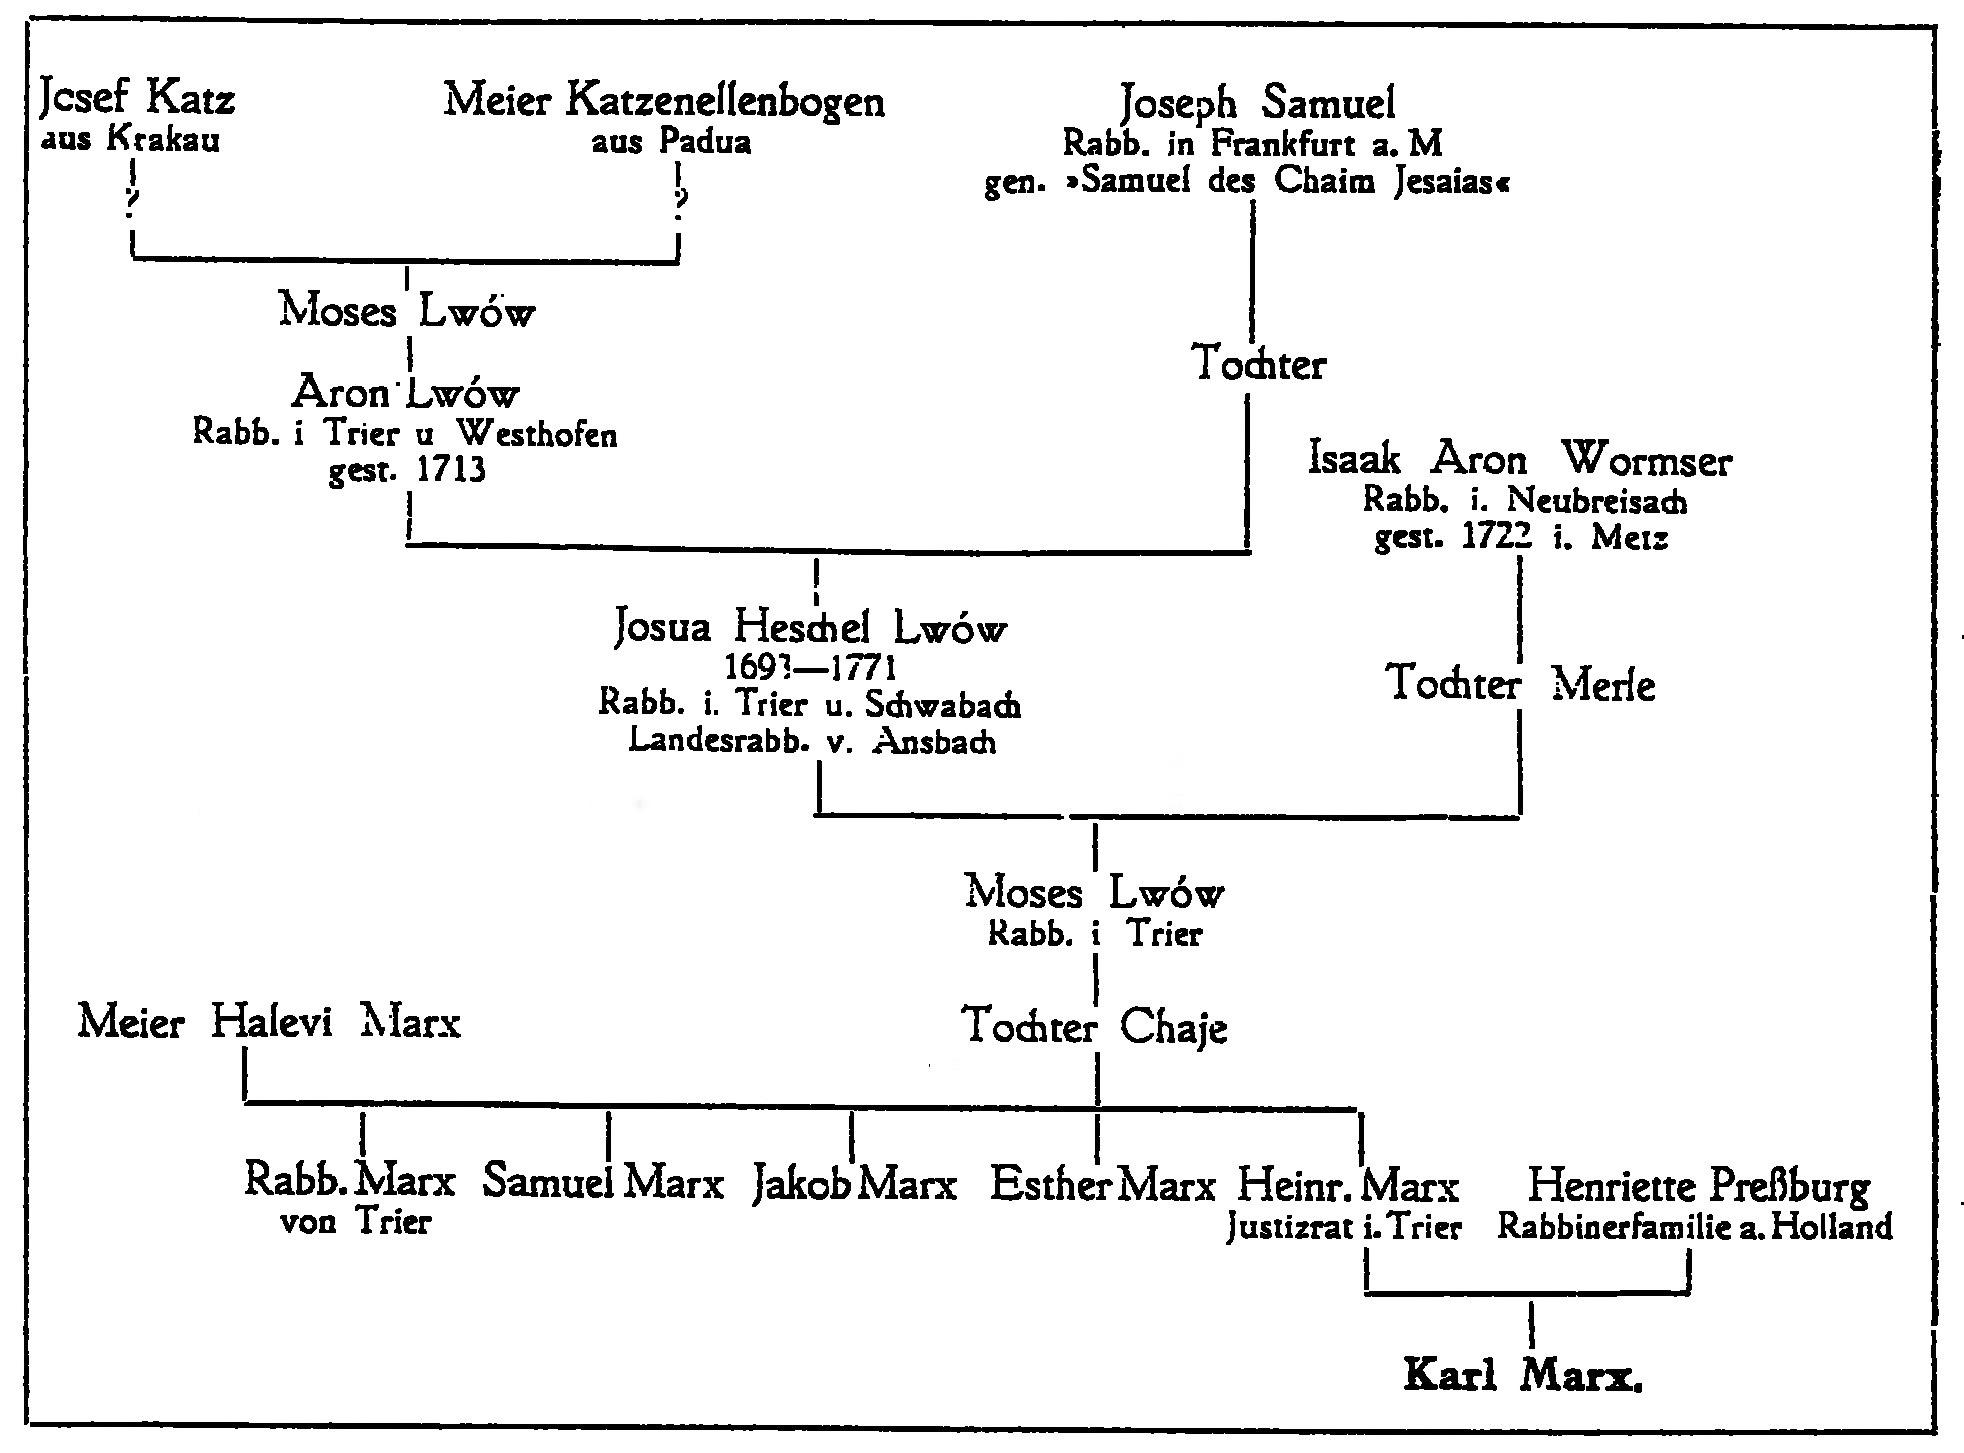 Stammbaum von Karl Marx - Der Orden Bne Briss, Mitteilungen der Großloge für Deutschland VIII U.C.B.B. (= United Order of B'nai B'rith). Sammelbl. jüd. Wiss 167.